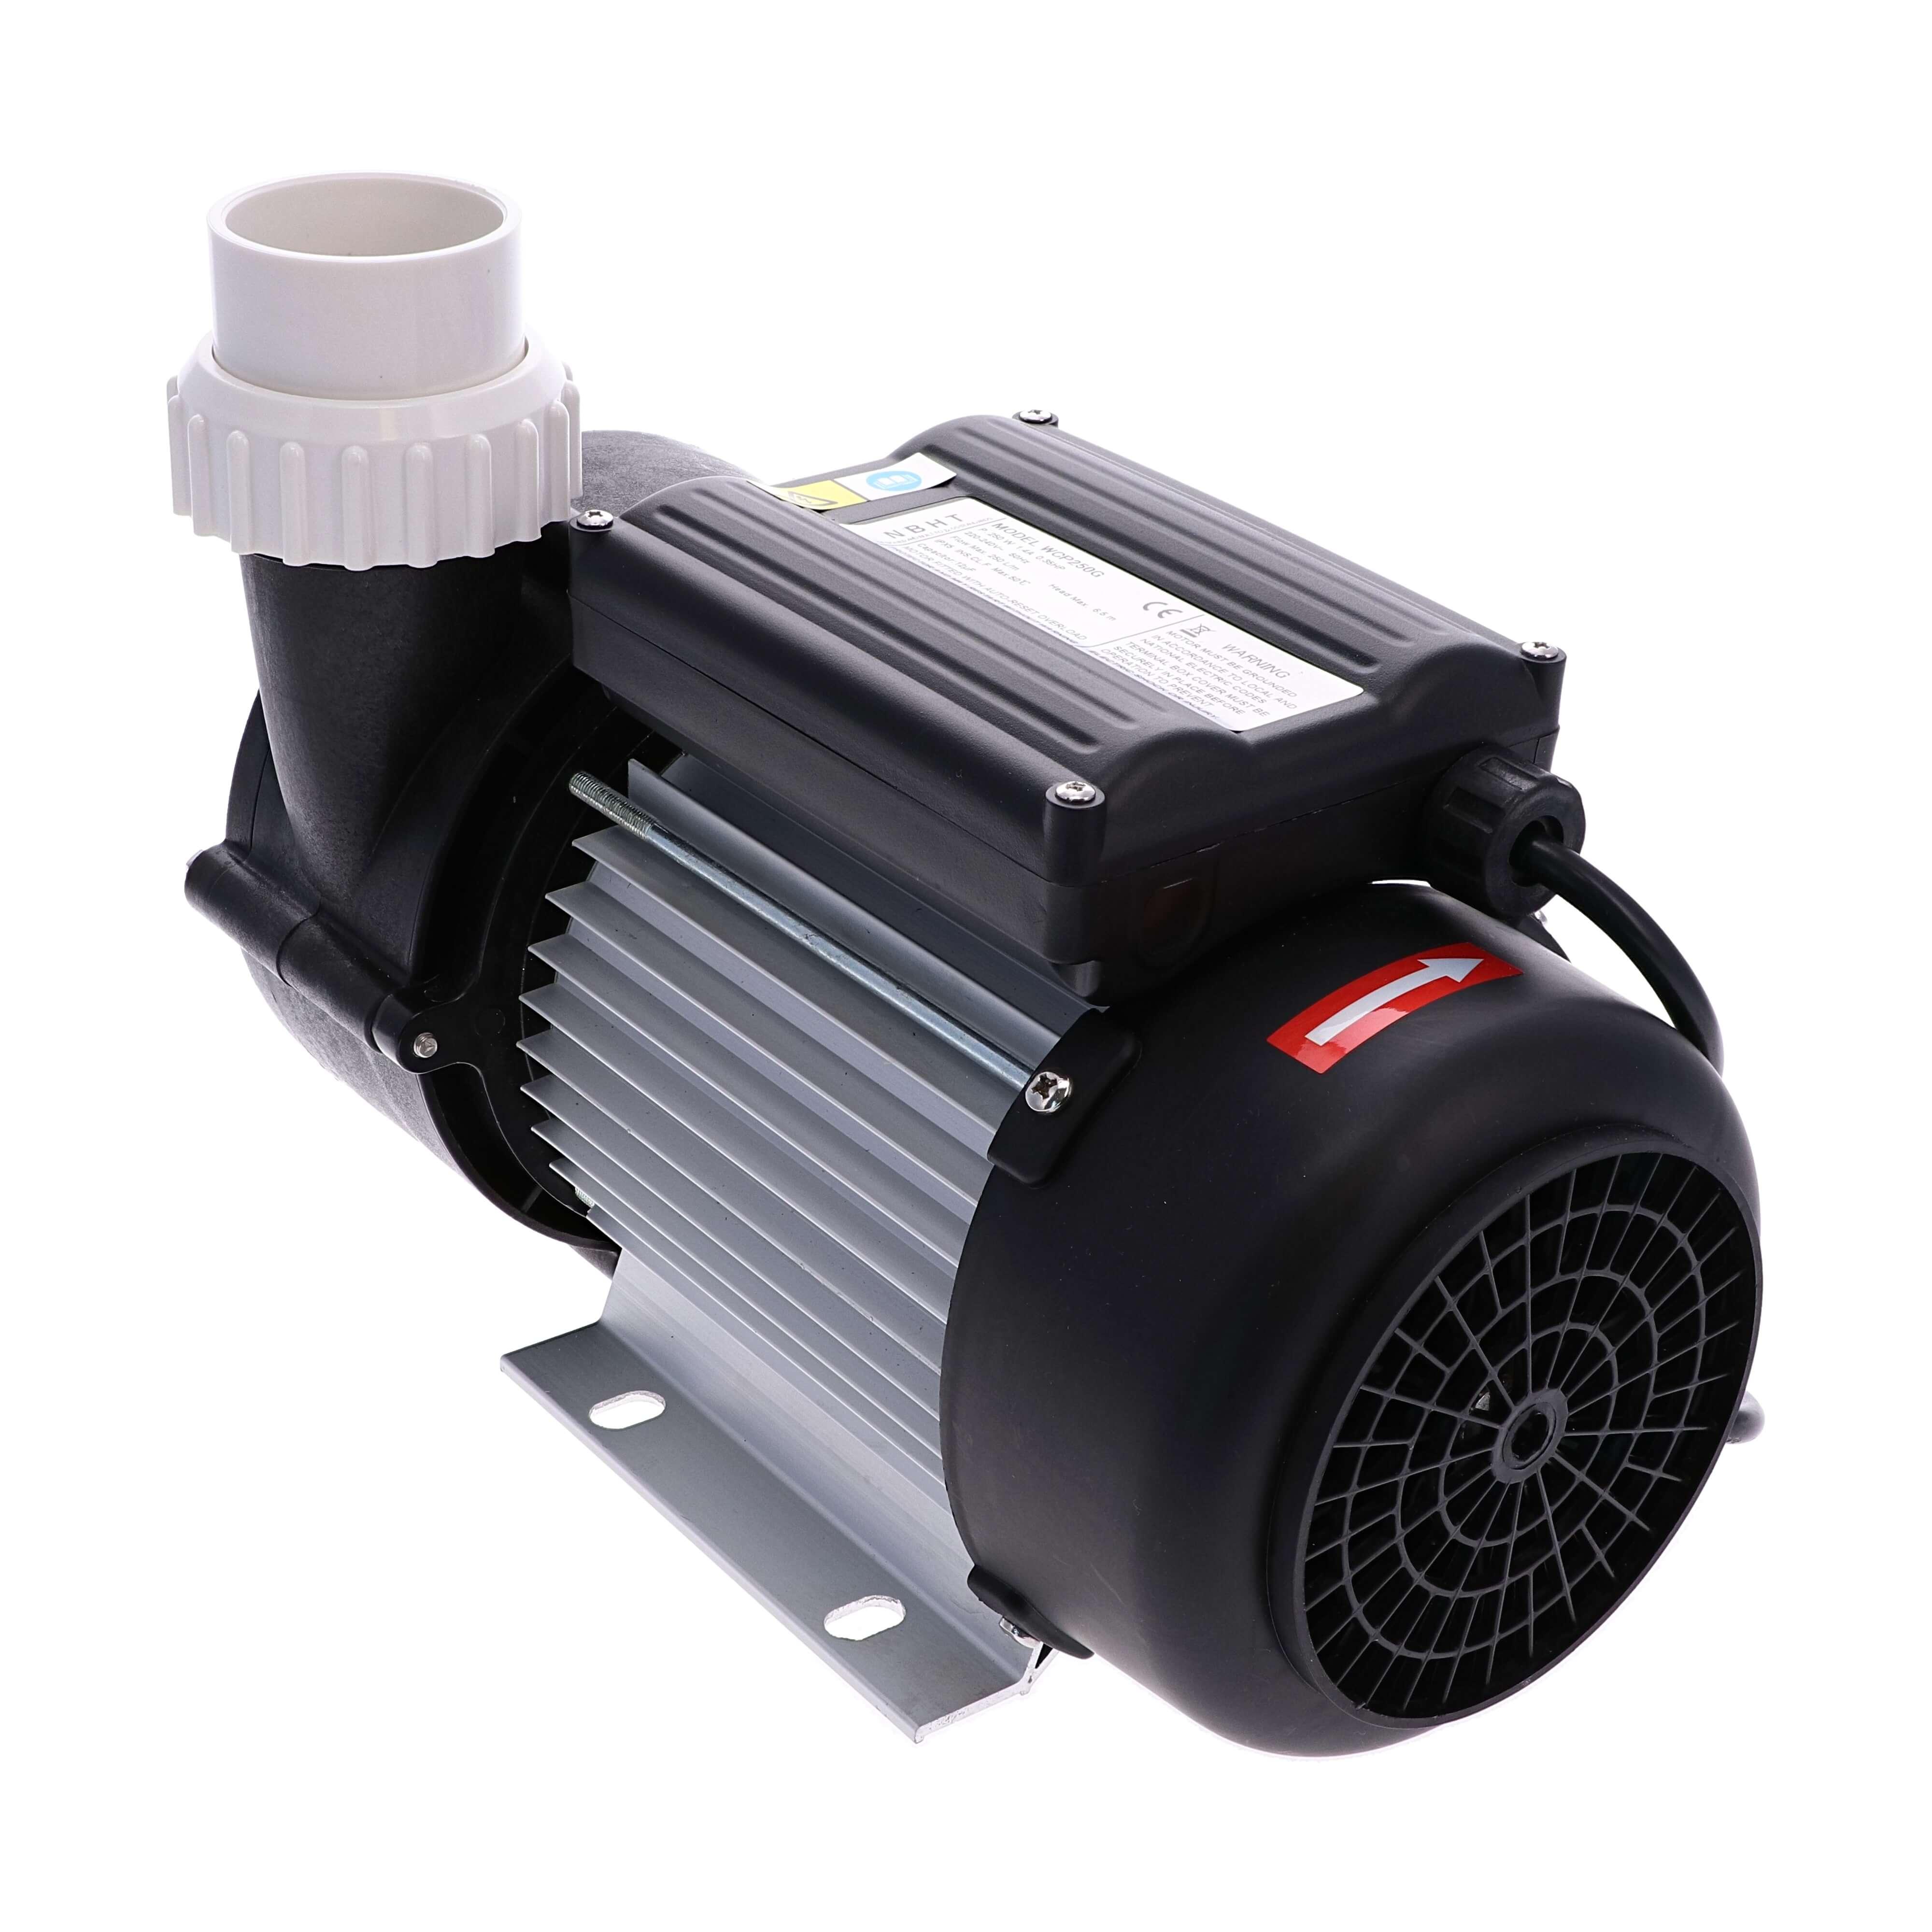 0.35HP WCP250G Circulation pump